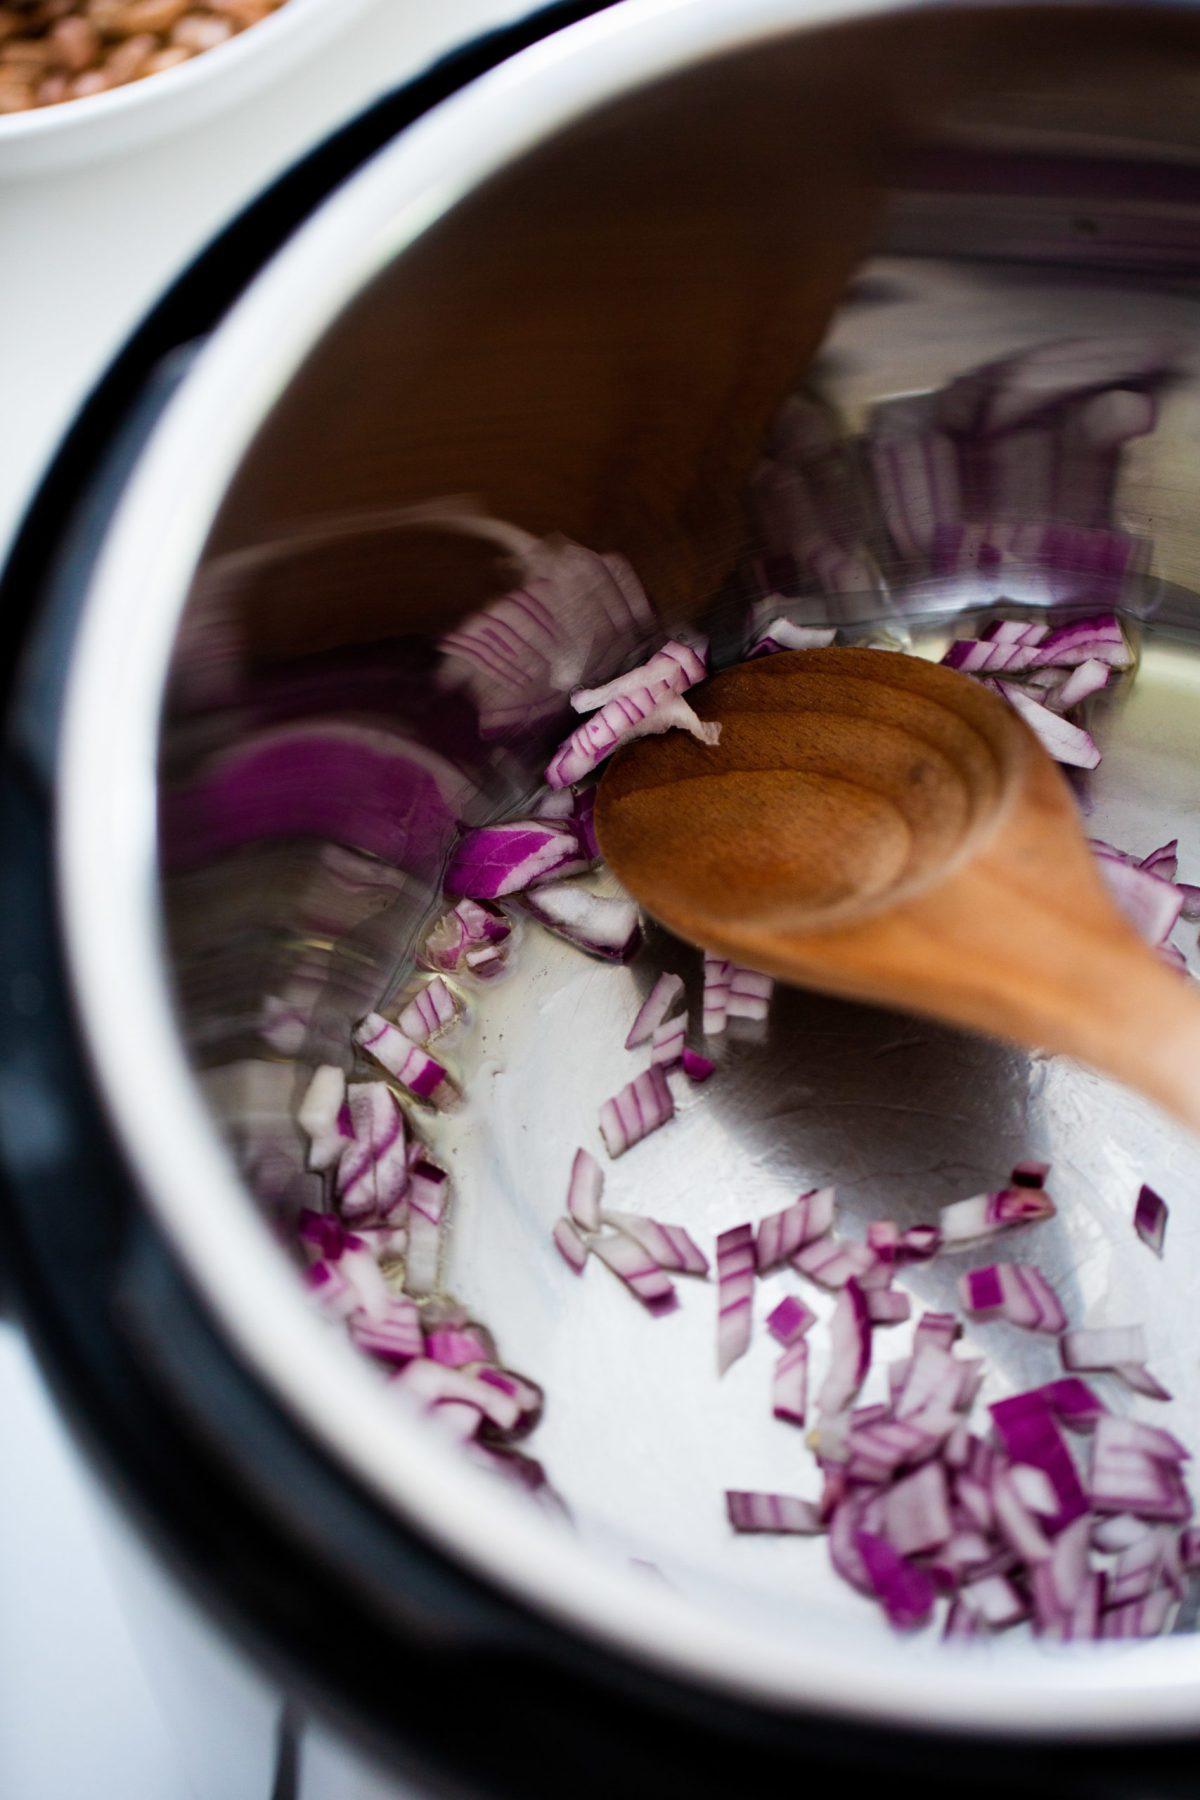 salteando cebolla en la instast pot para hacer frijoles refritos